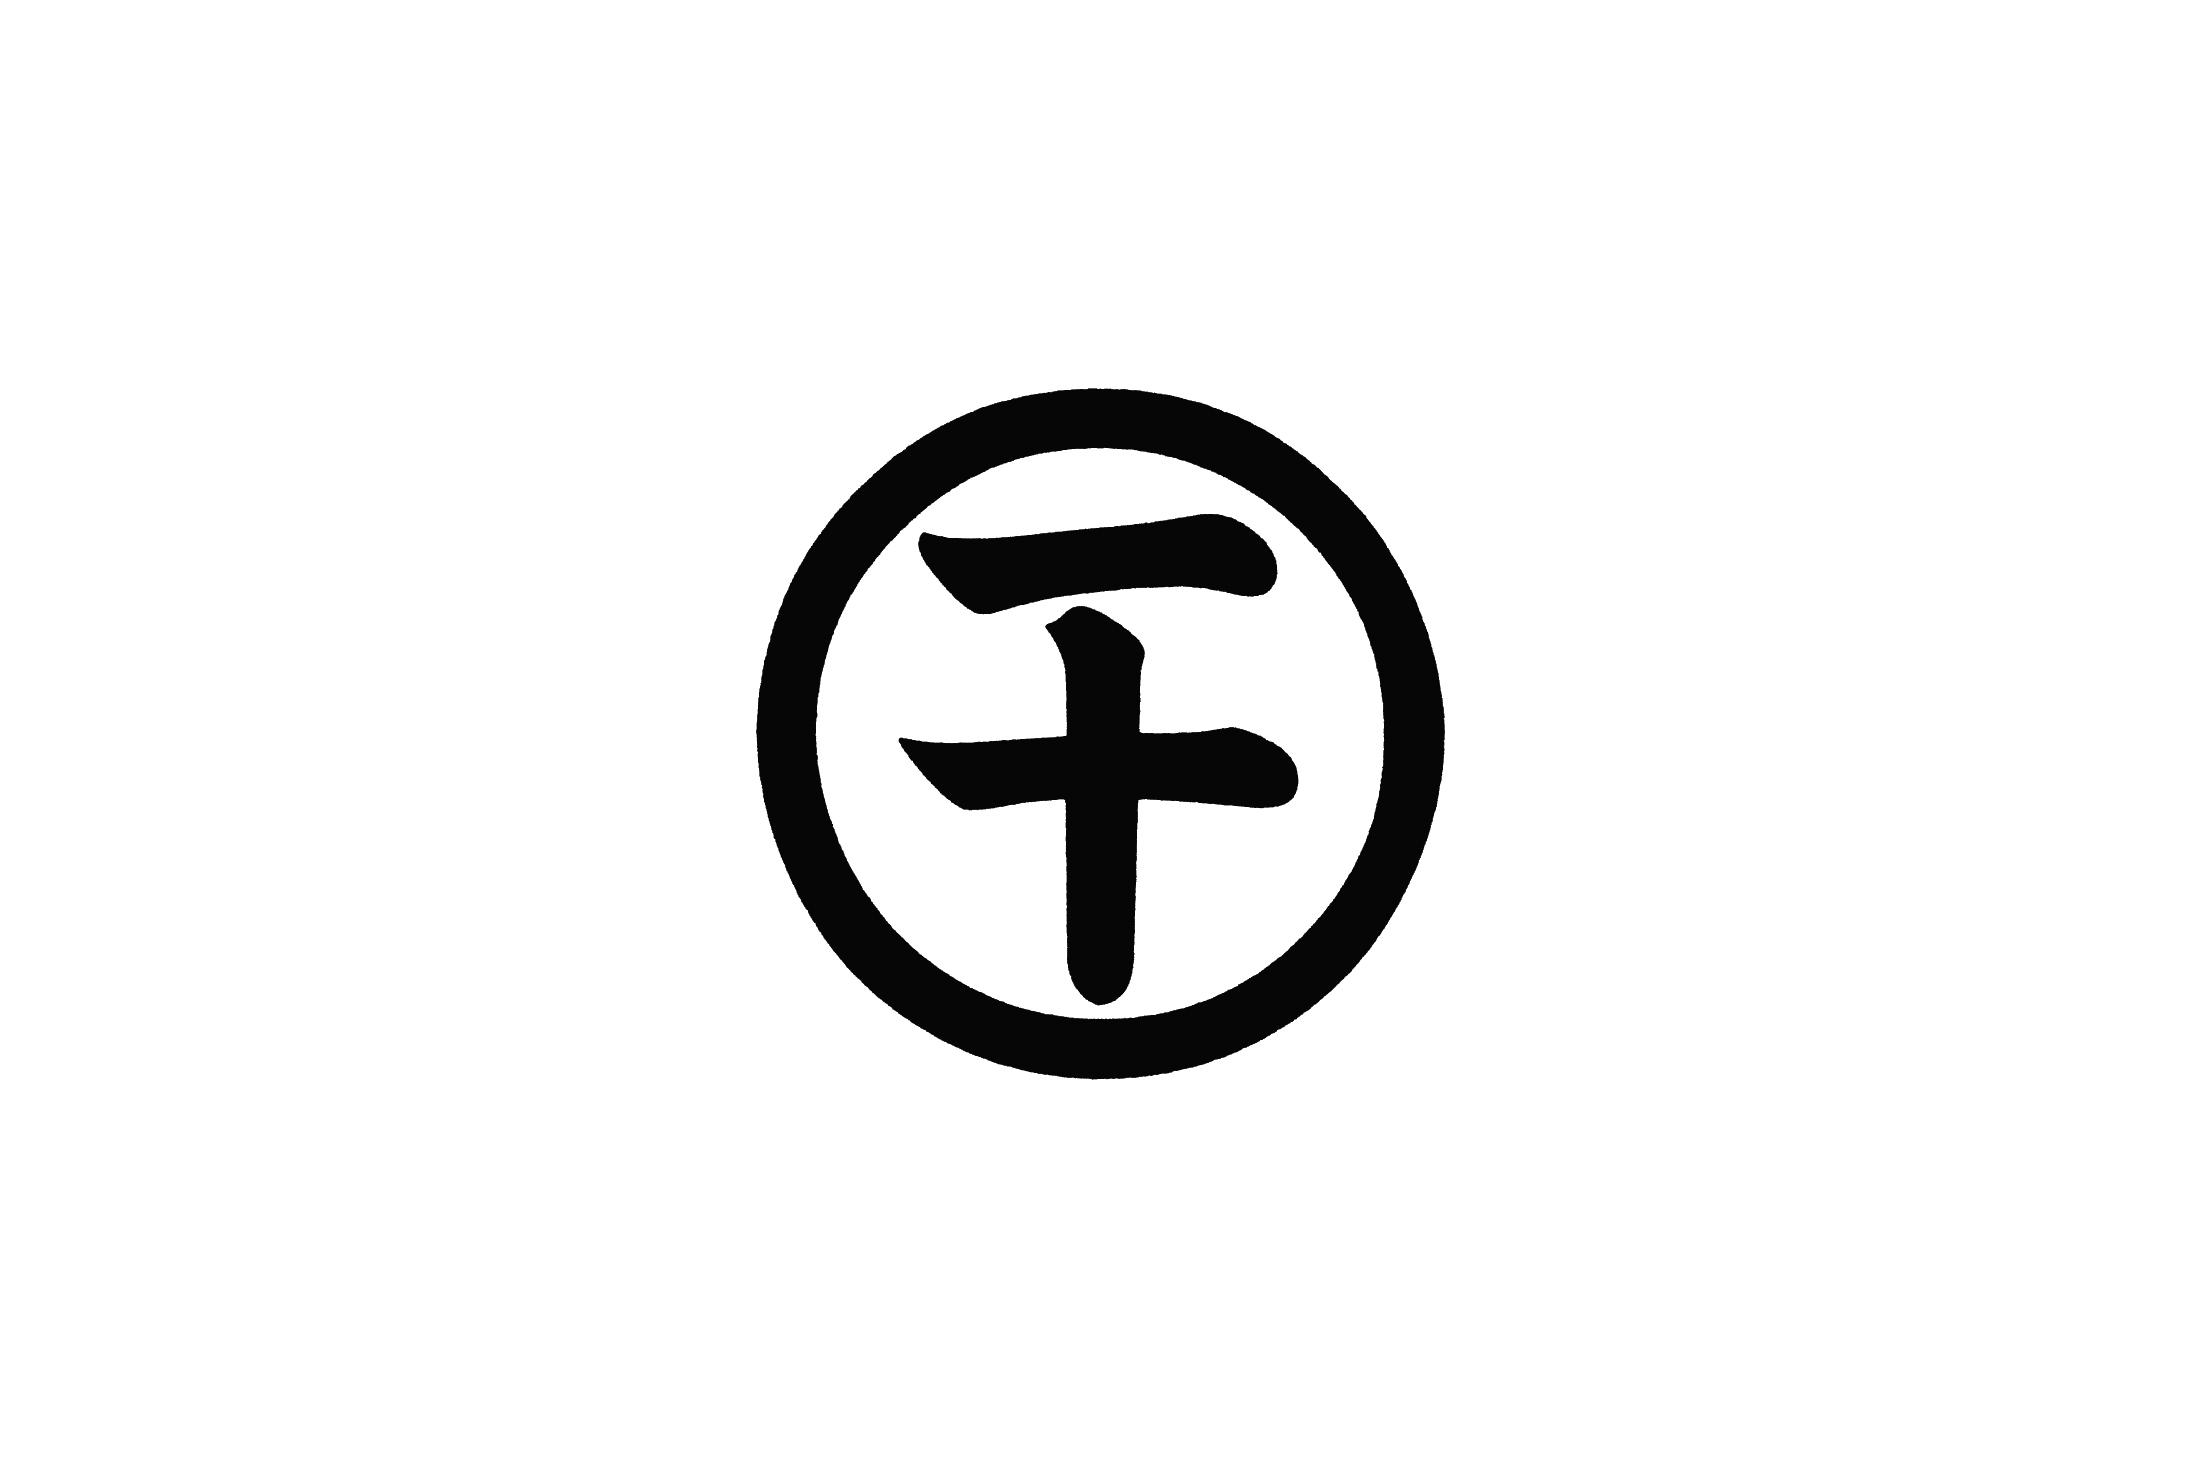 サービスロゴ開発